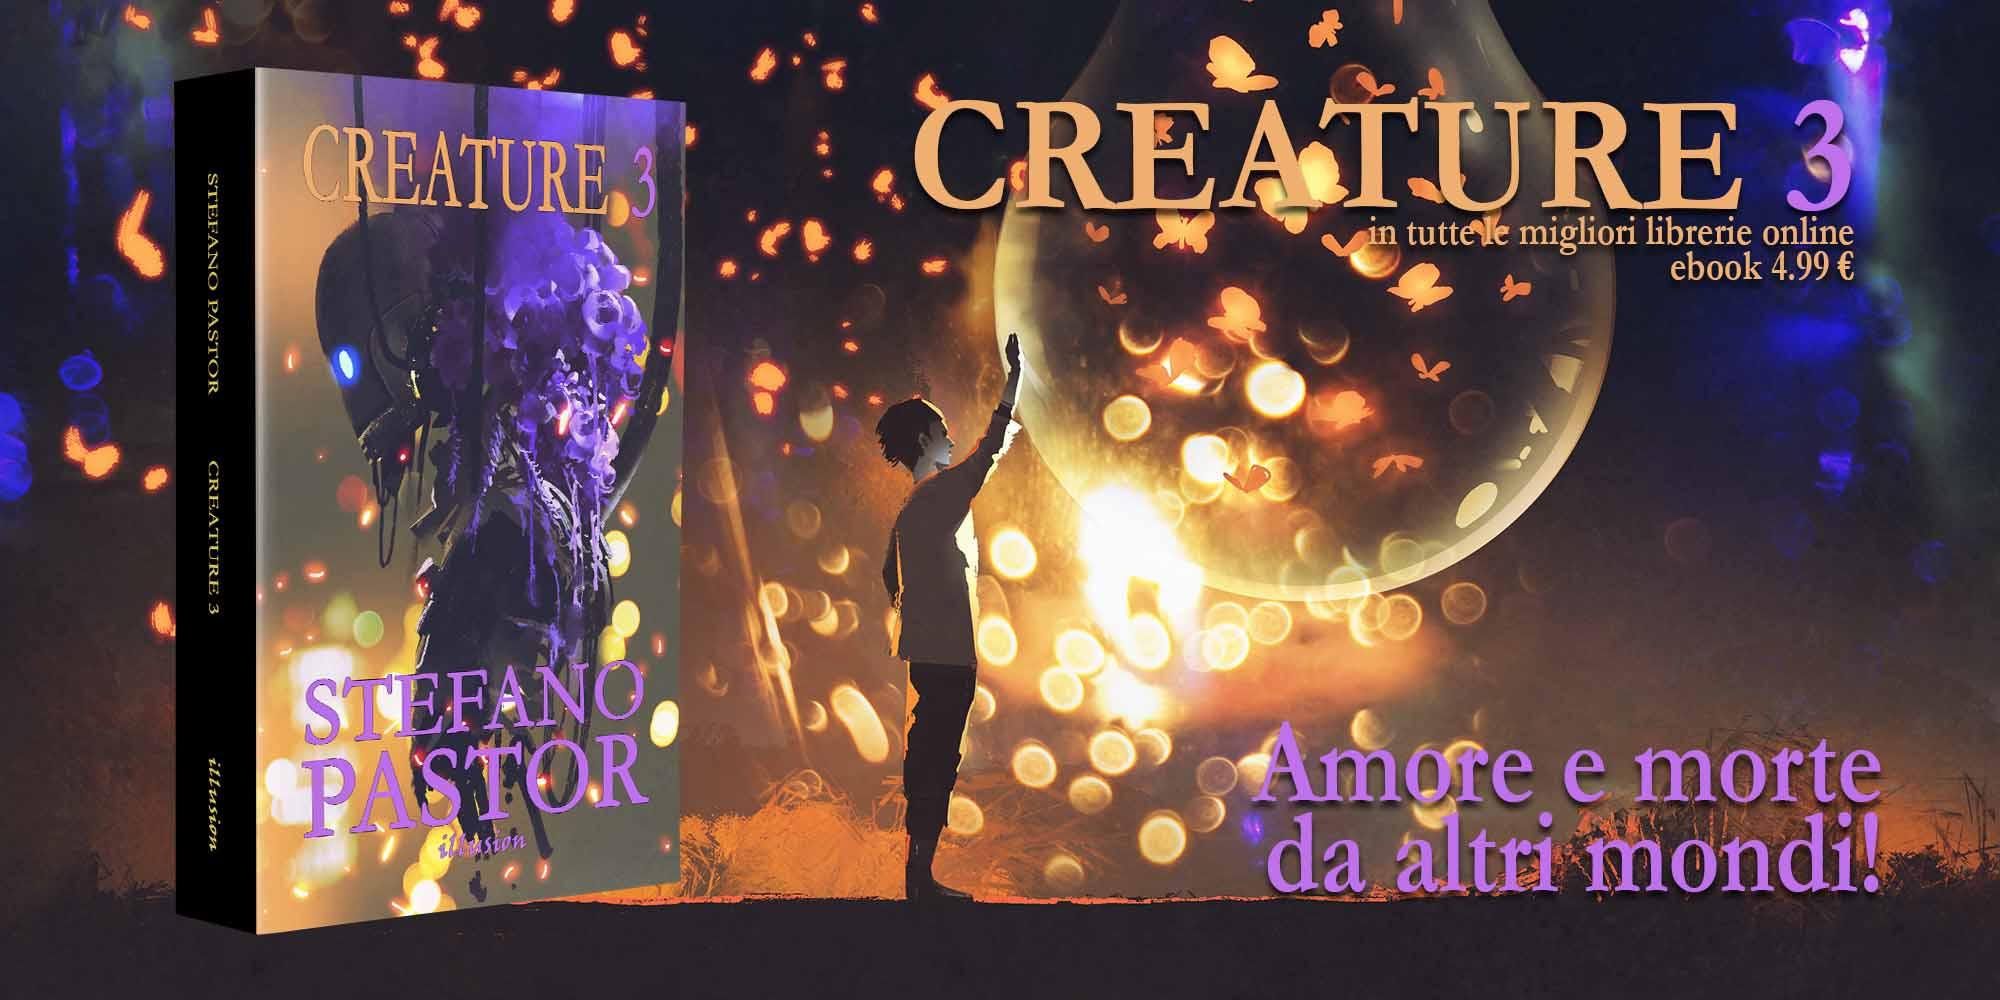 CREATURE 3